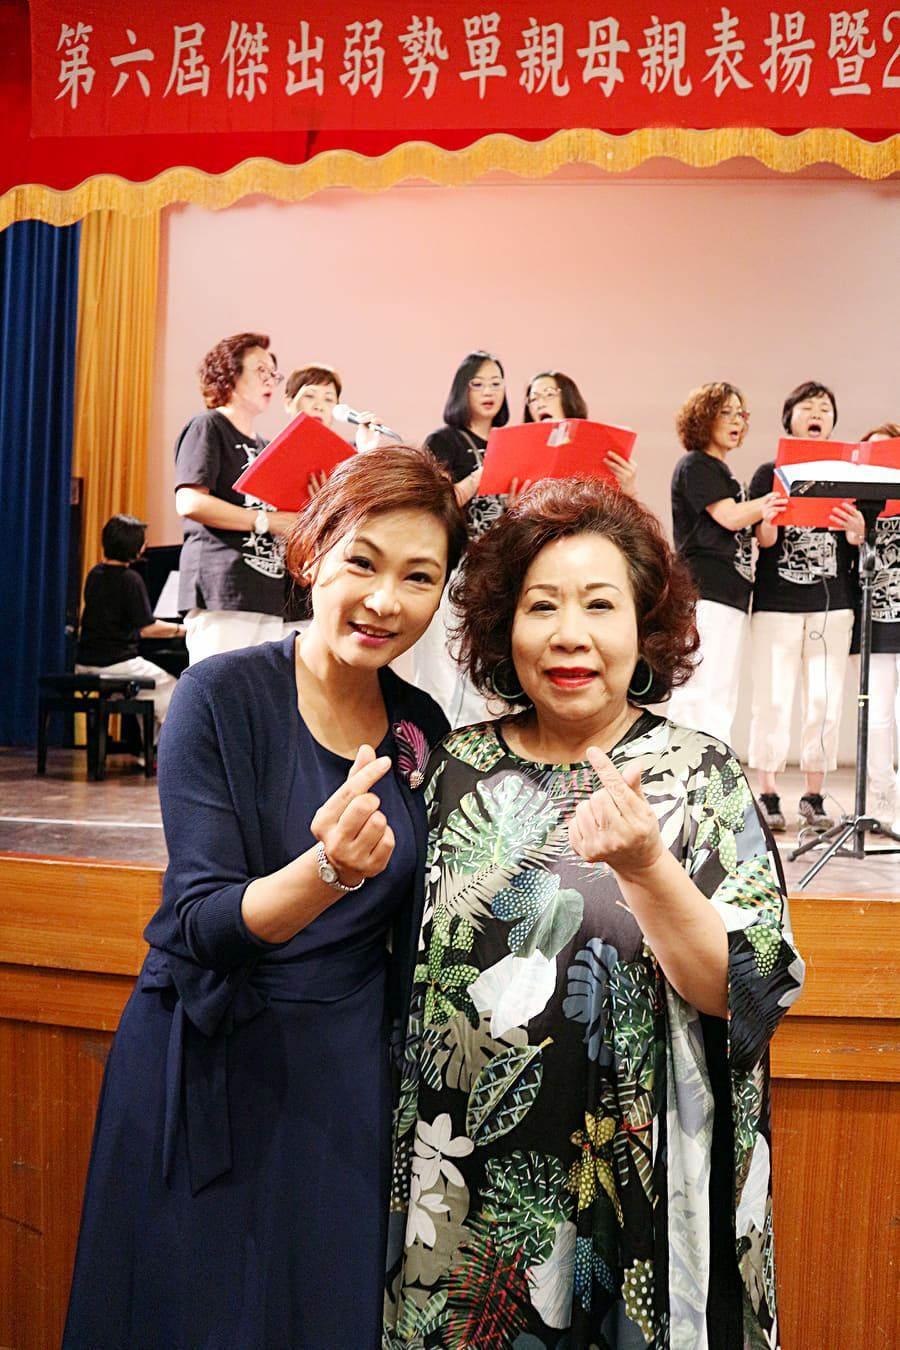 張月麗(左)義務主持「傑出弱勢單親母親表揚活動」。右為黃越綏老師。圖片提供:國際單親兒童文教基金會